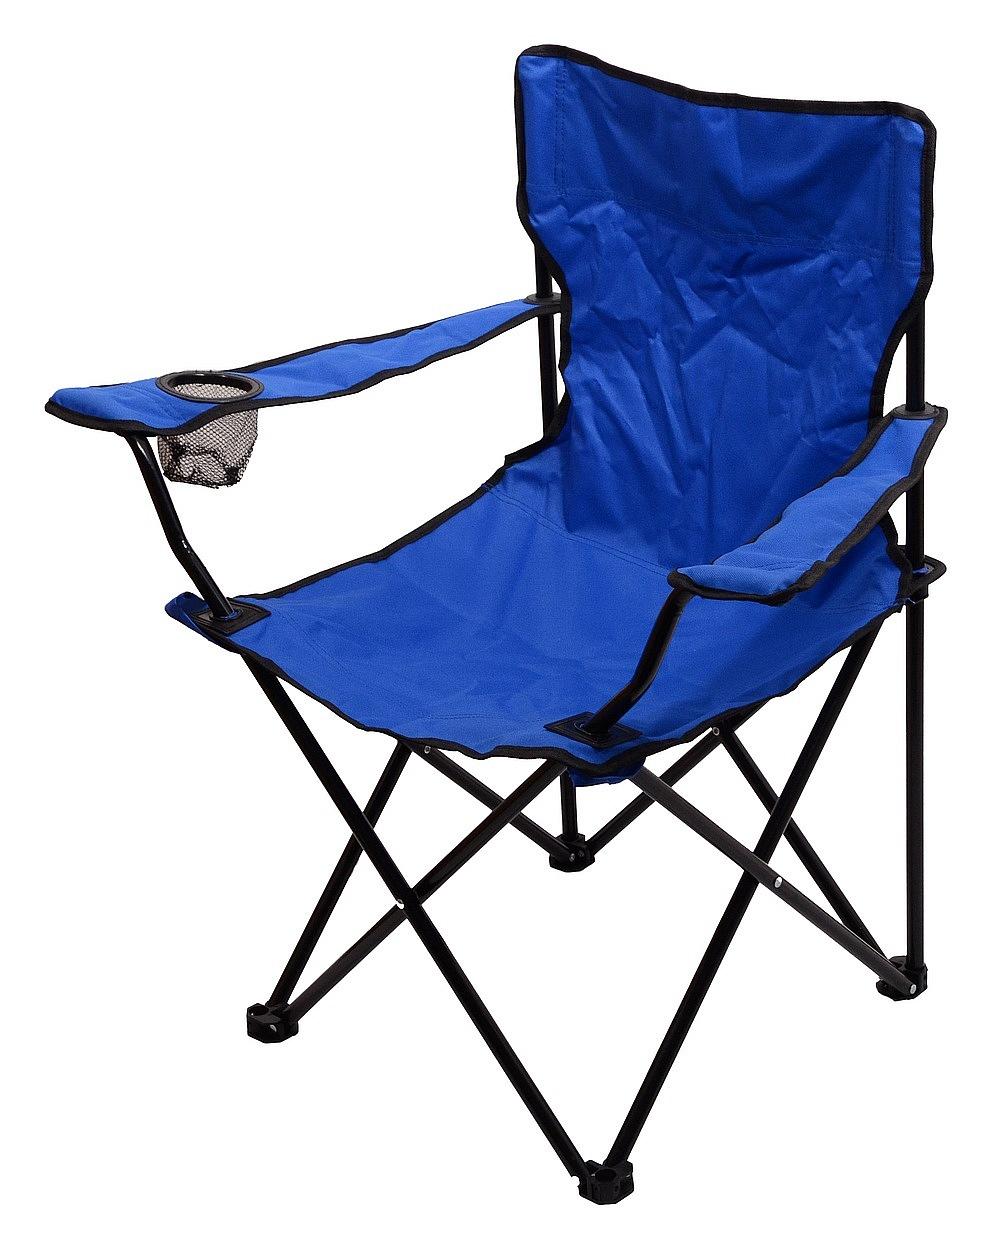 Cattara - Židle kempingová skládací BARI modrá